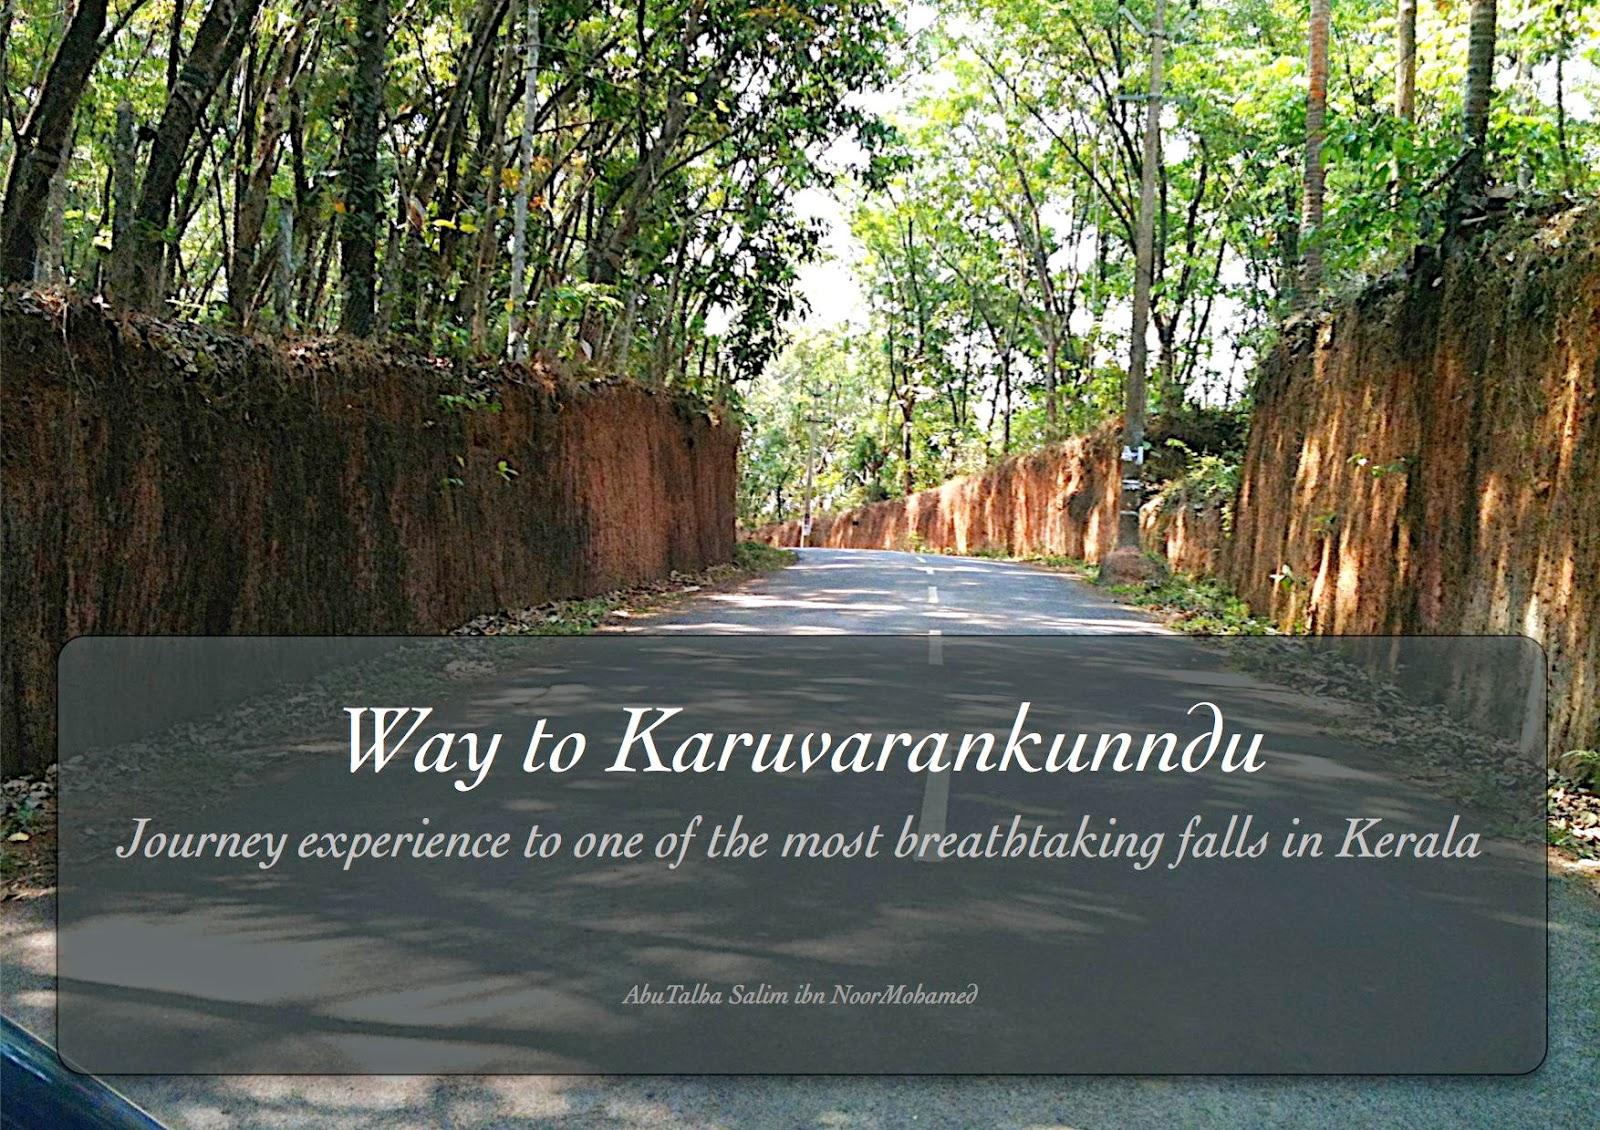 Way to Karuvarankunndu